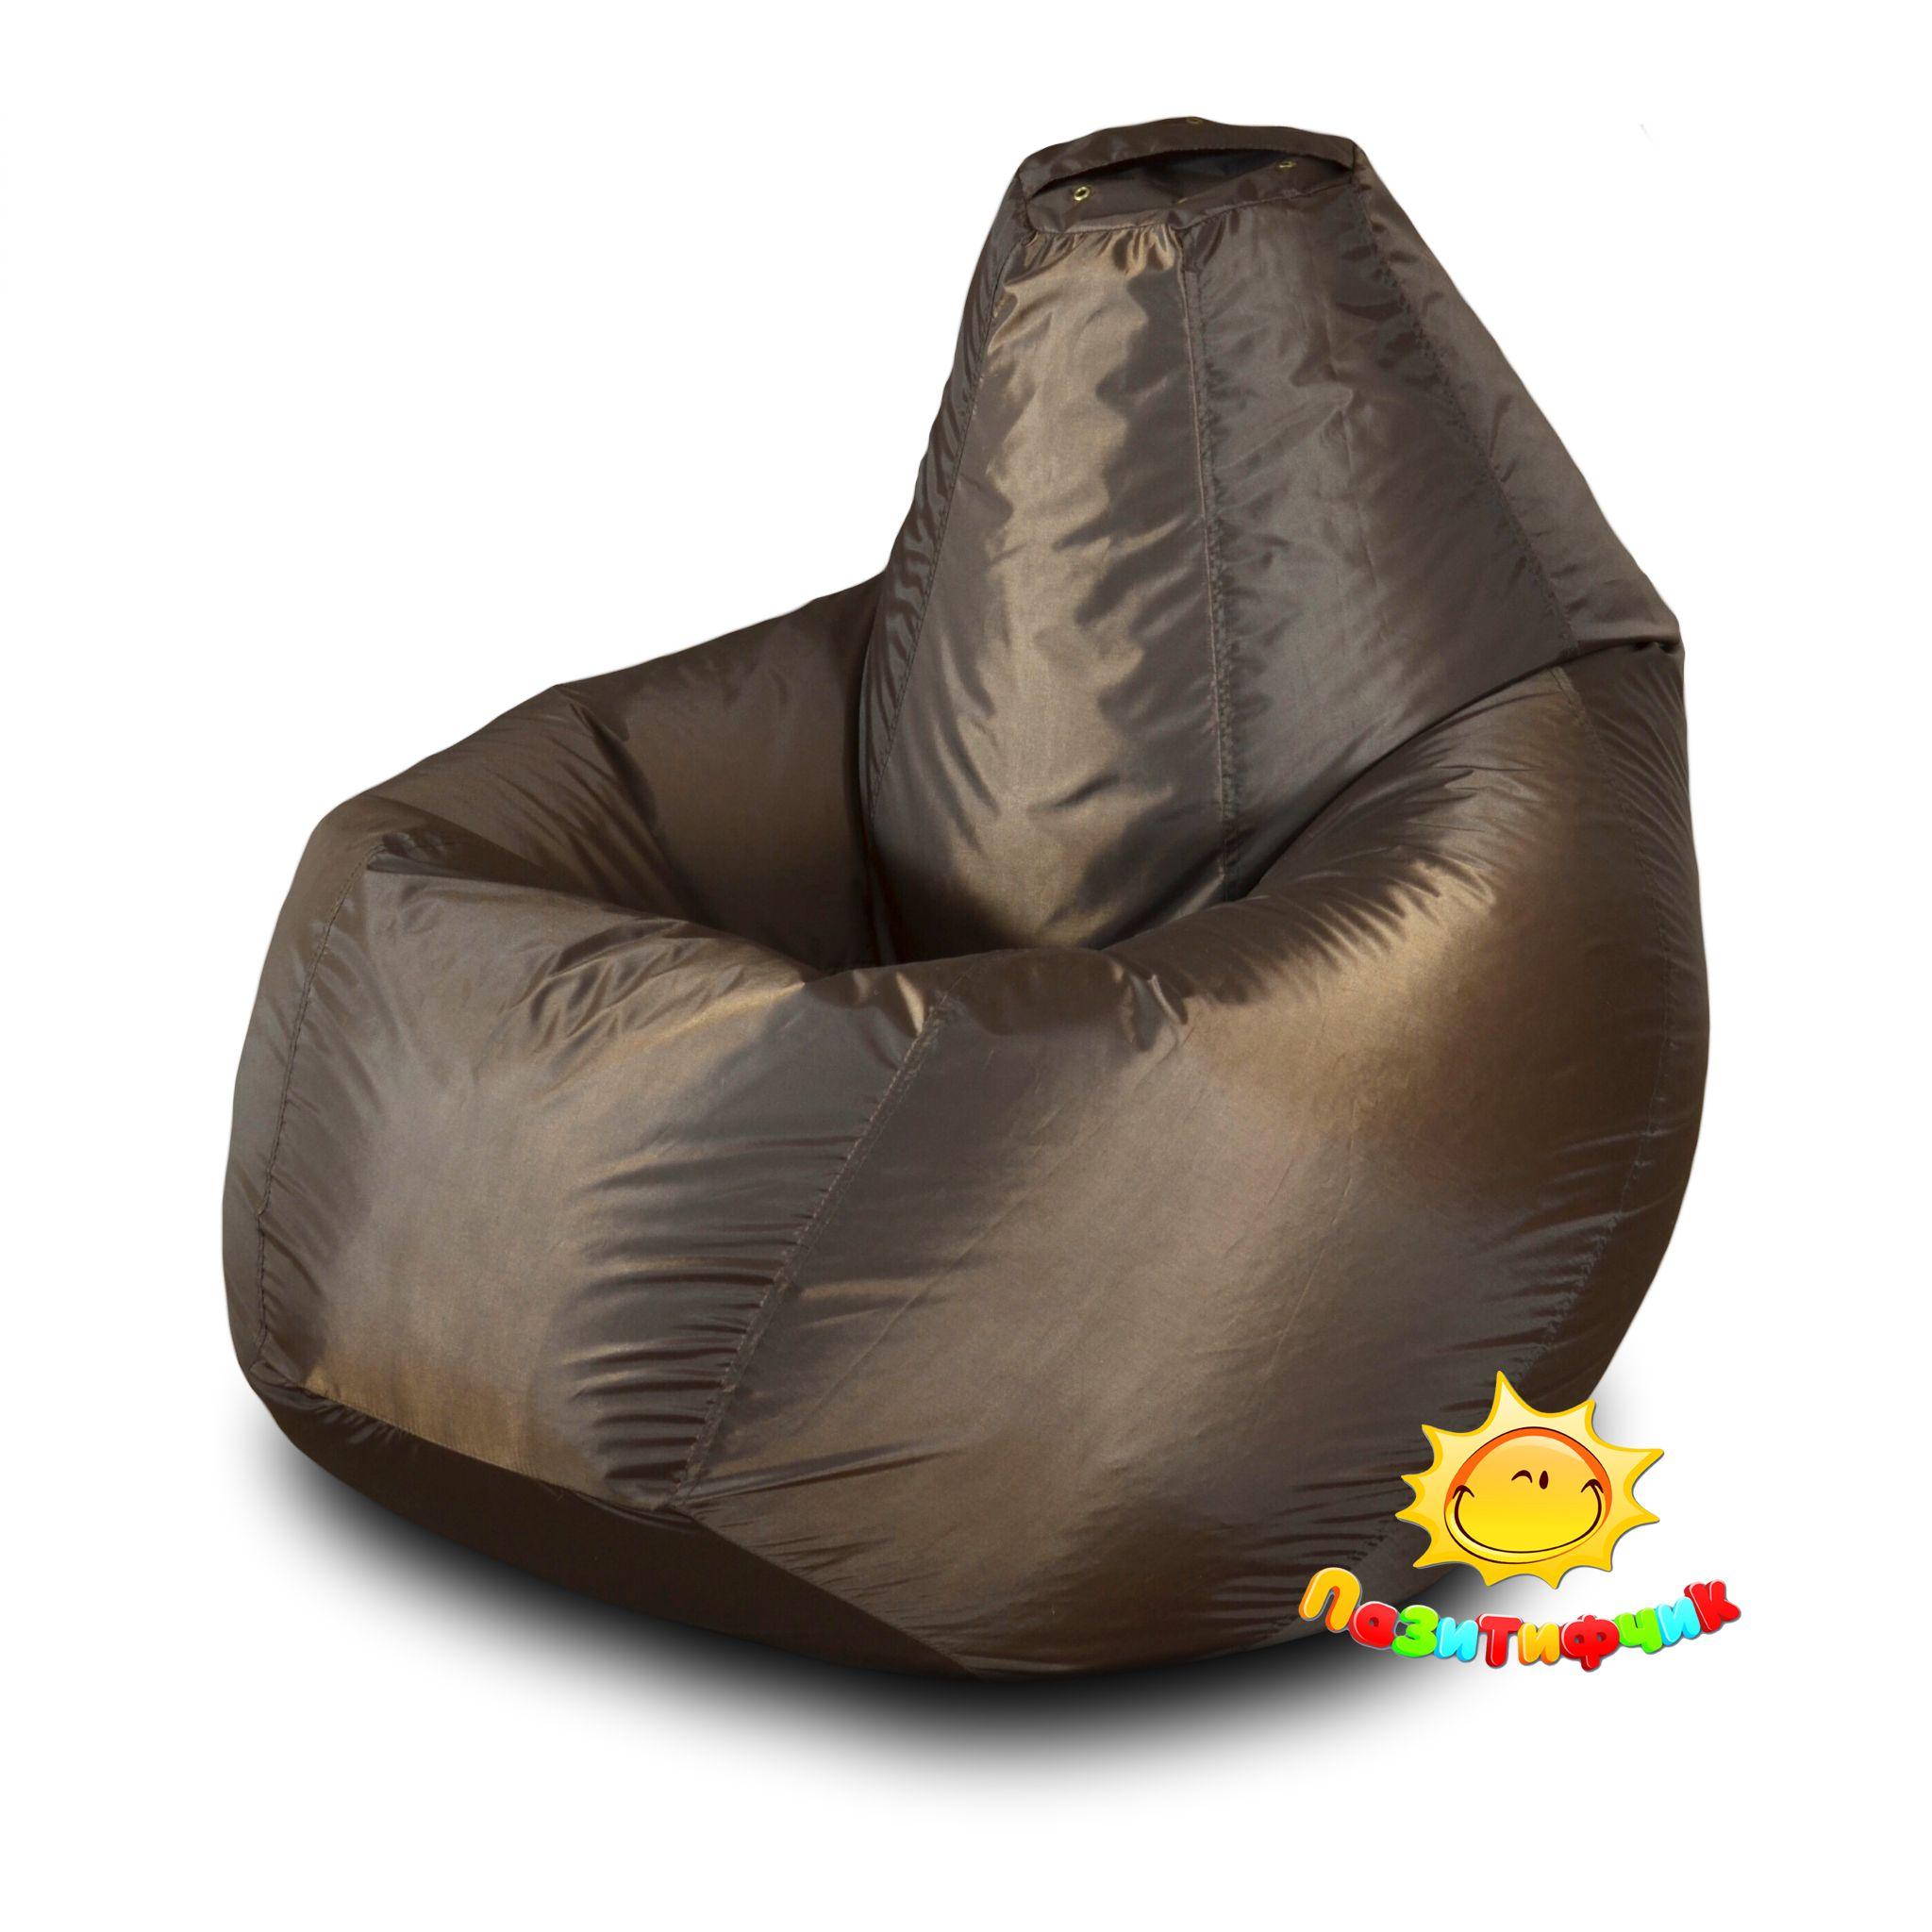 Кресло-мешок Pazitif Груша Пазитифчик Оксфорд, размер XXXL, оксфорд, шоколад фото